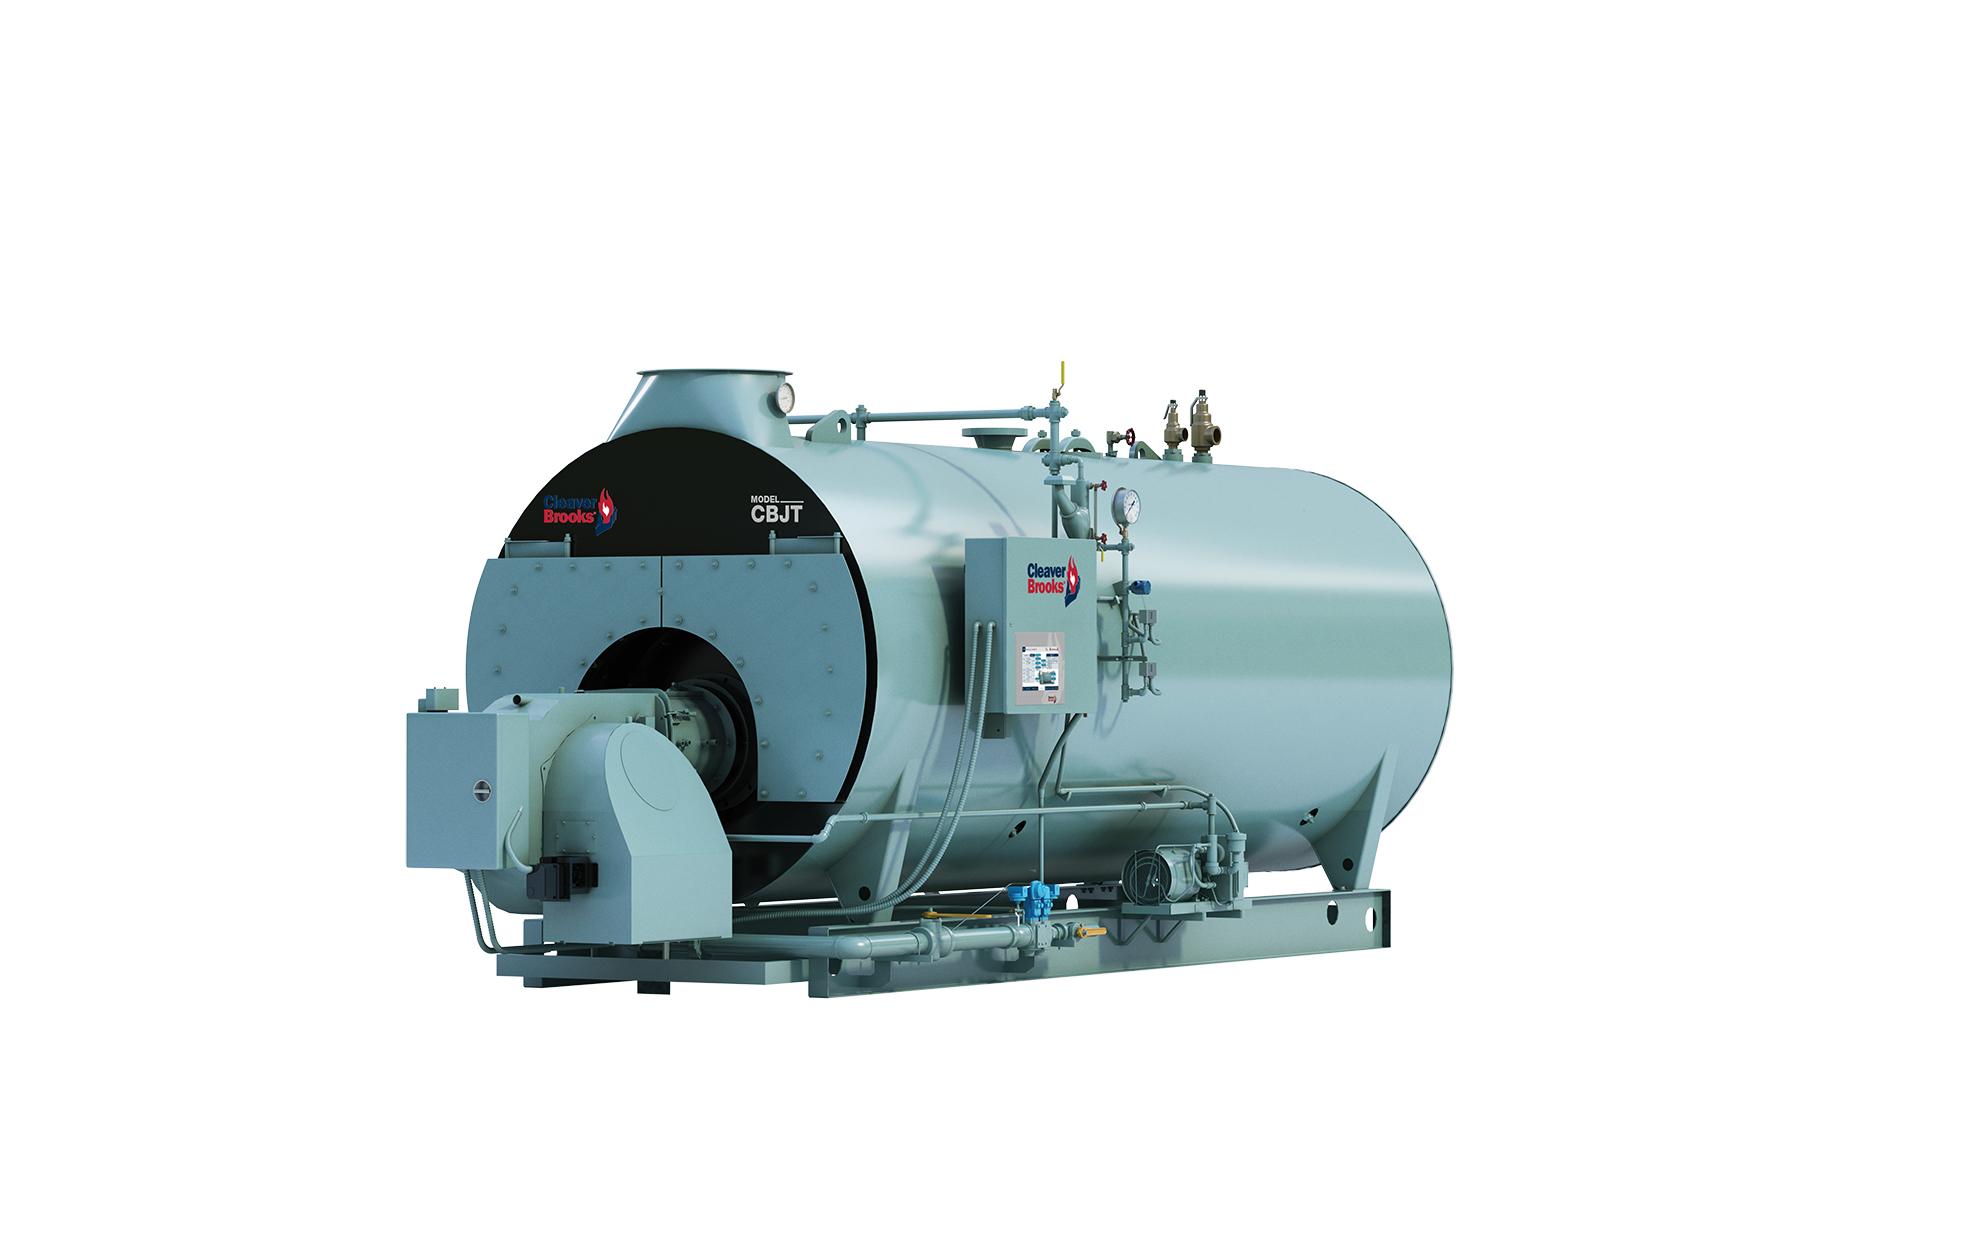 CBJT Firetube Boiler (Jet Burner)